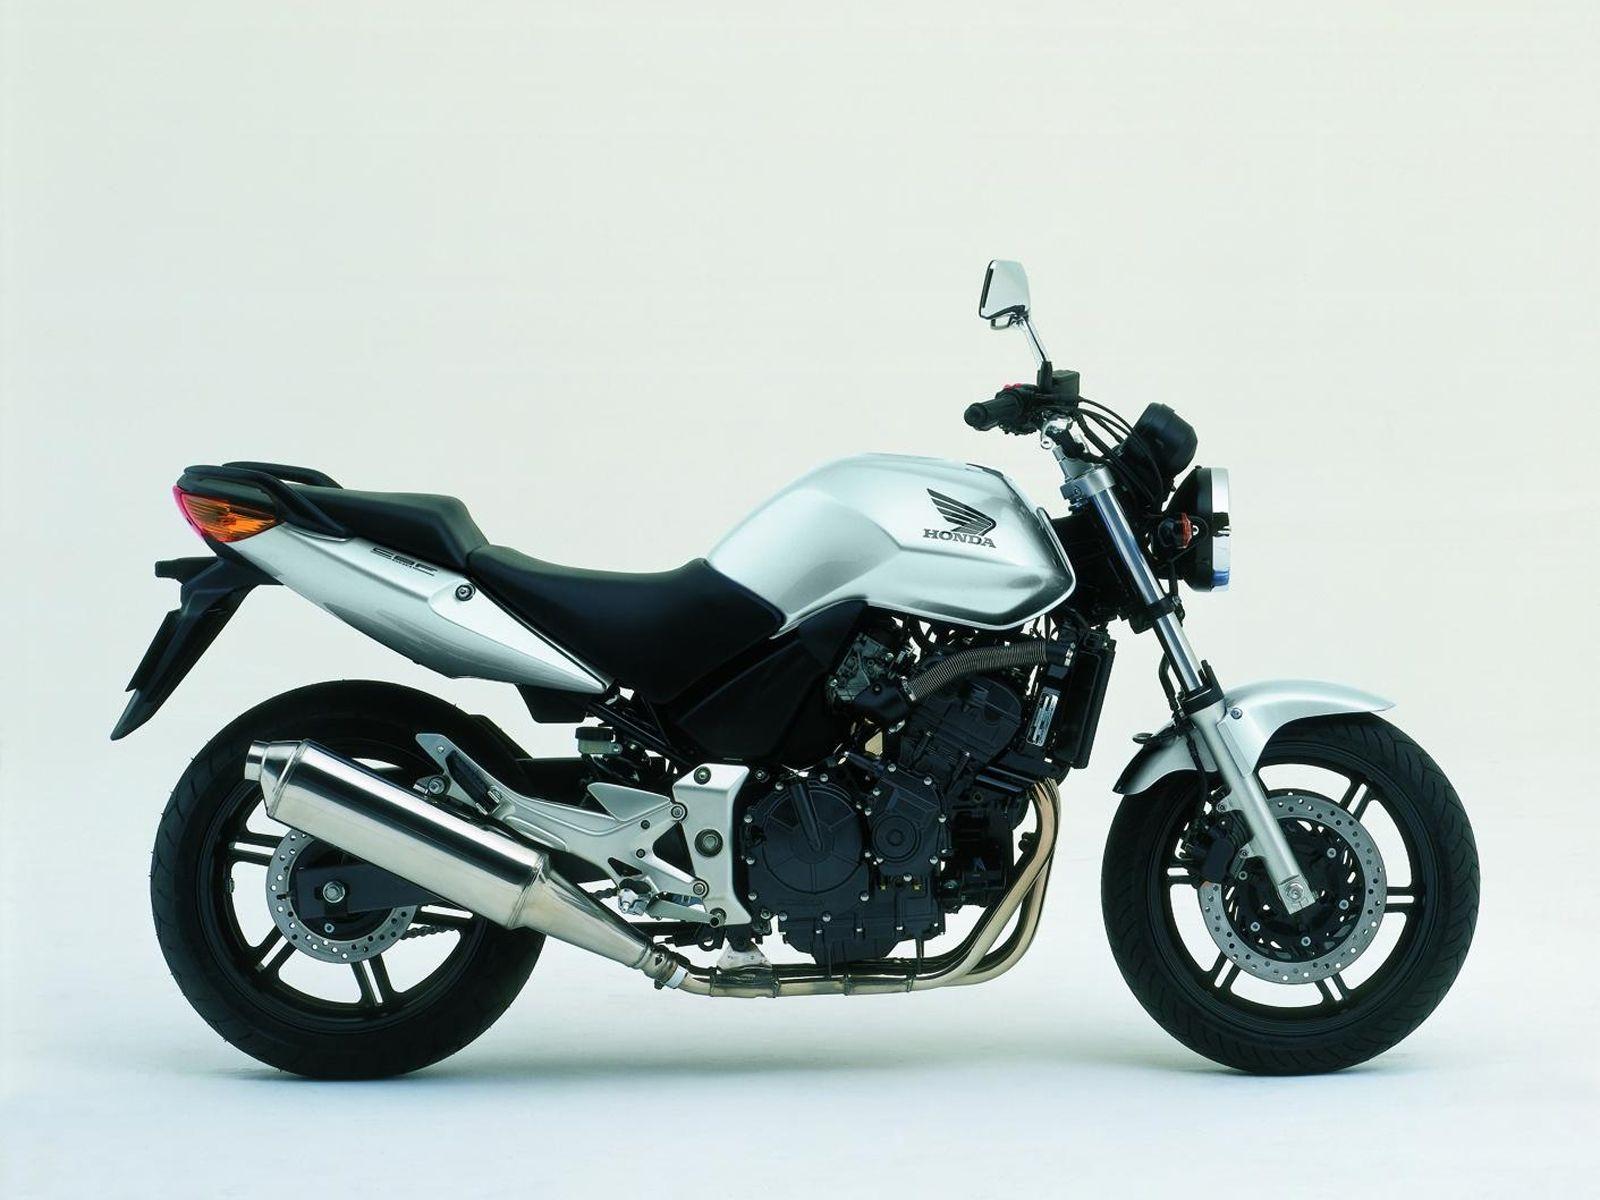 Honda Cbf600 Review And Photos